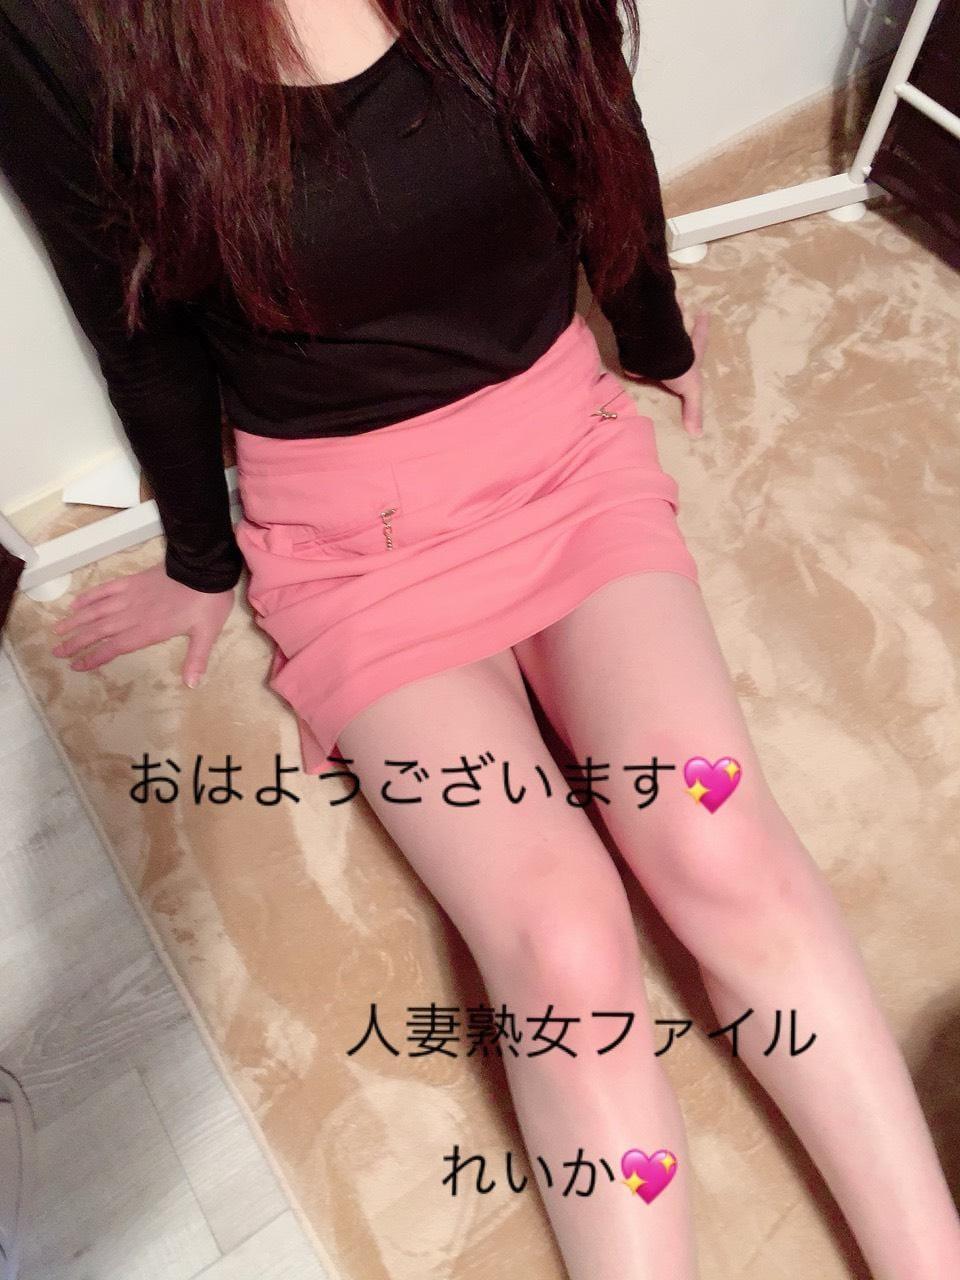 「おはようございます」03/15(03/15) 11:35 | れいかの写メ・風俗動画